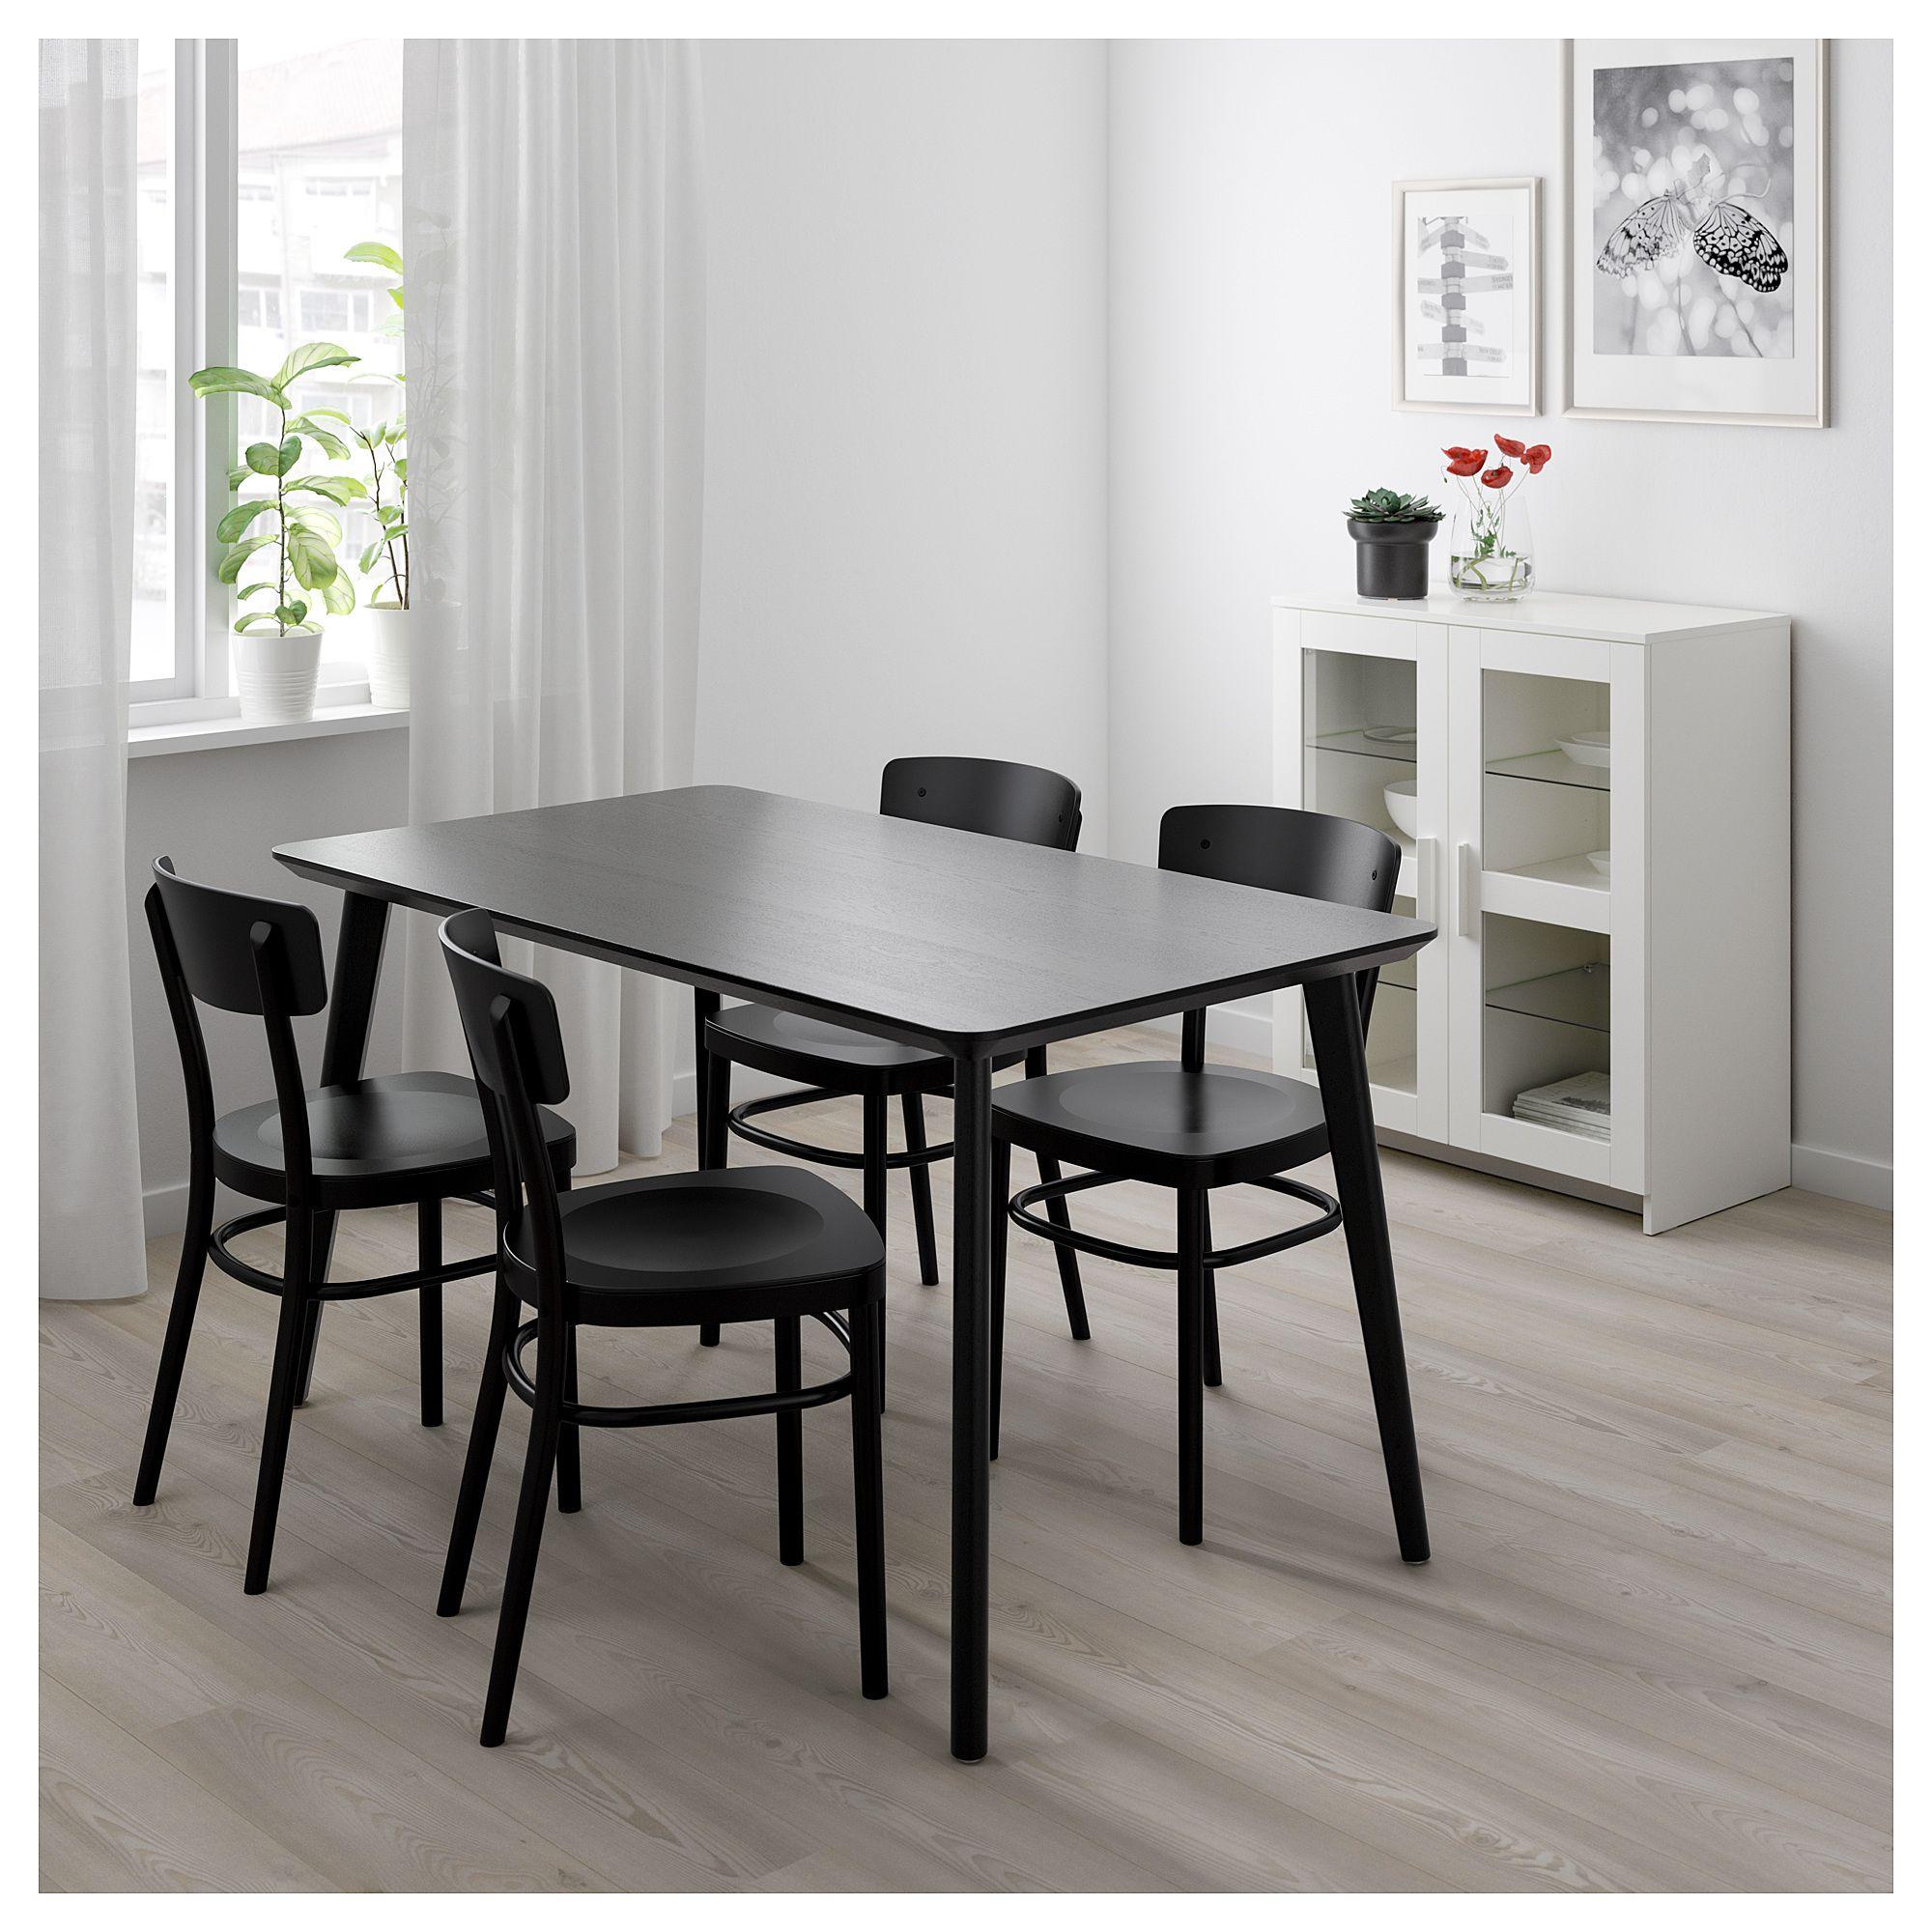 Lisabo Idolf Tisch Und 4 Stuhle Schwarz Schwarz In 2019